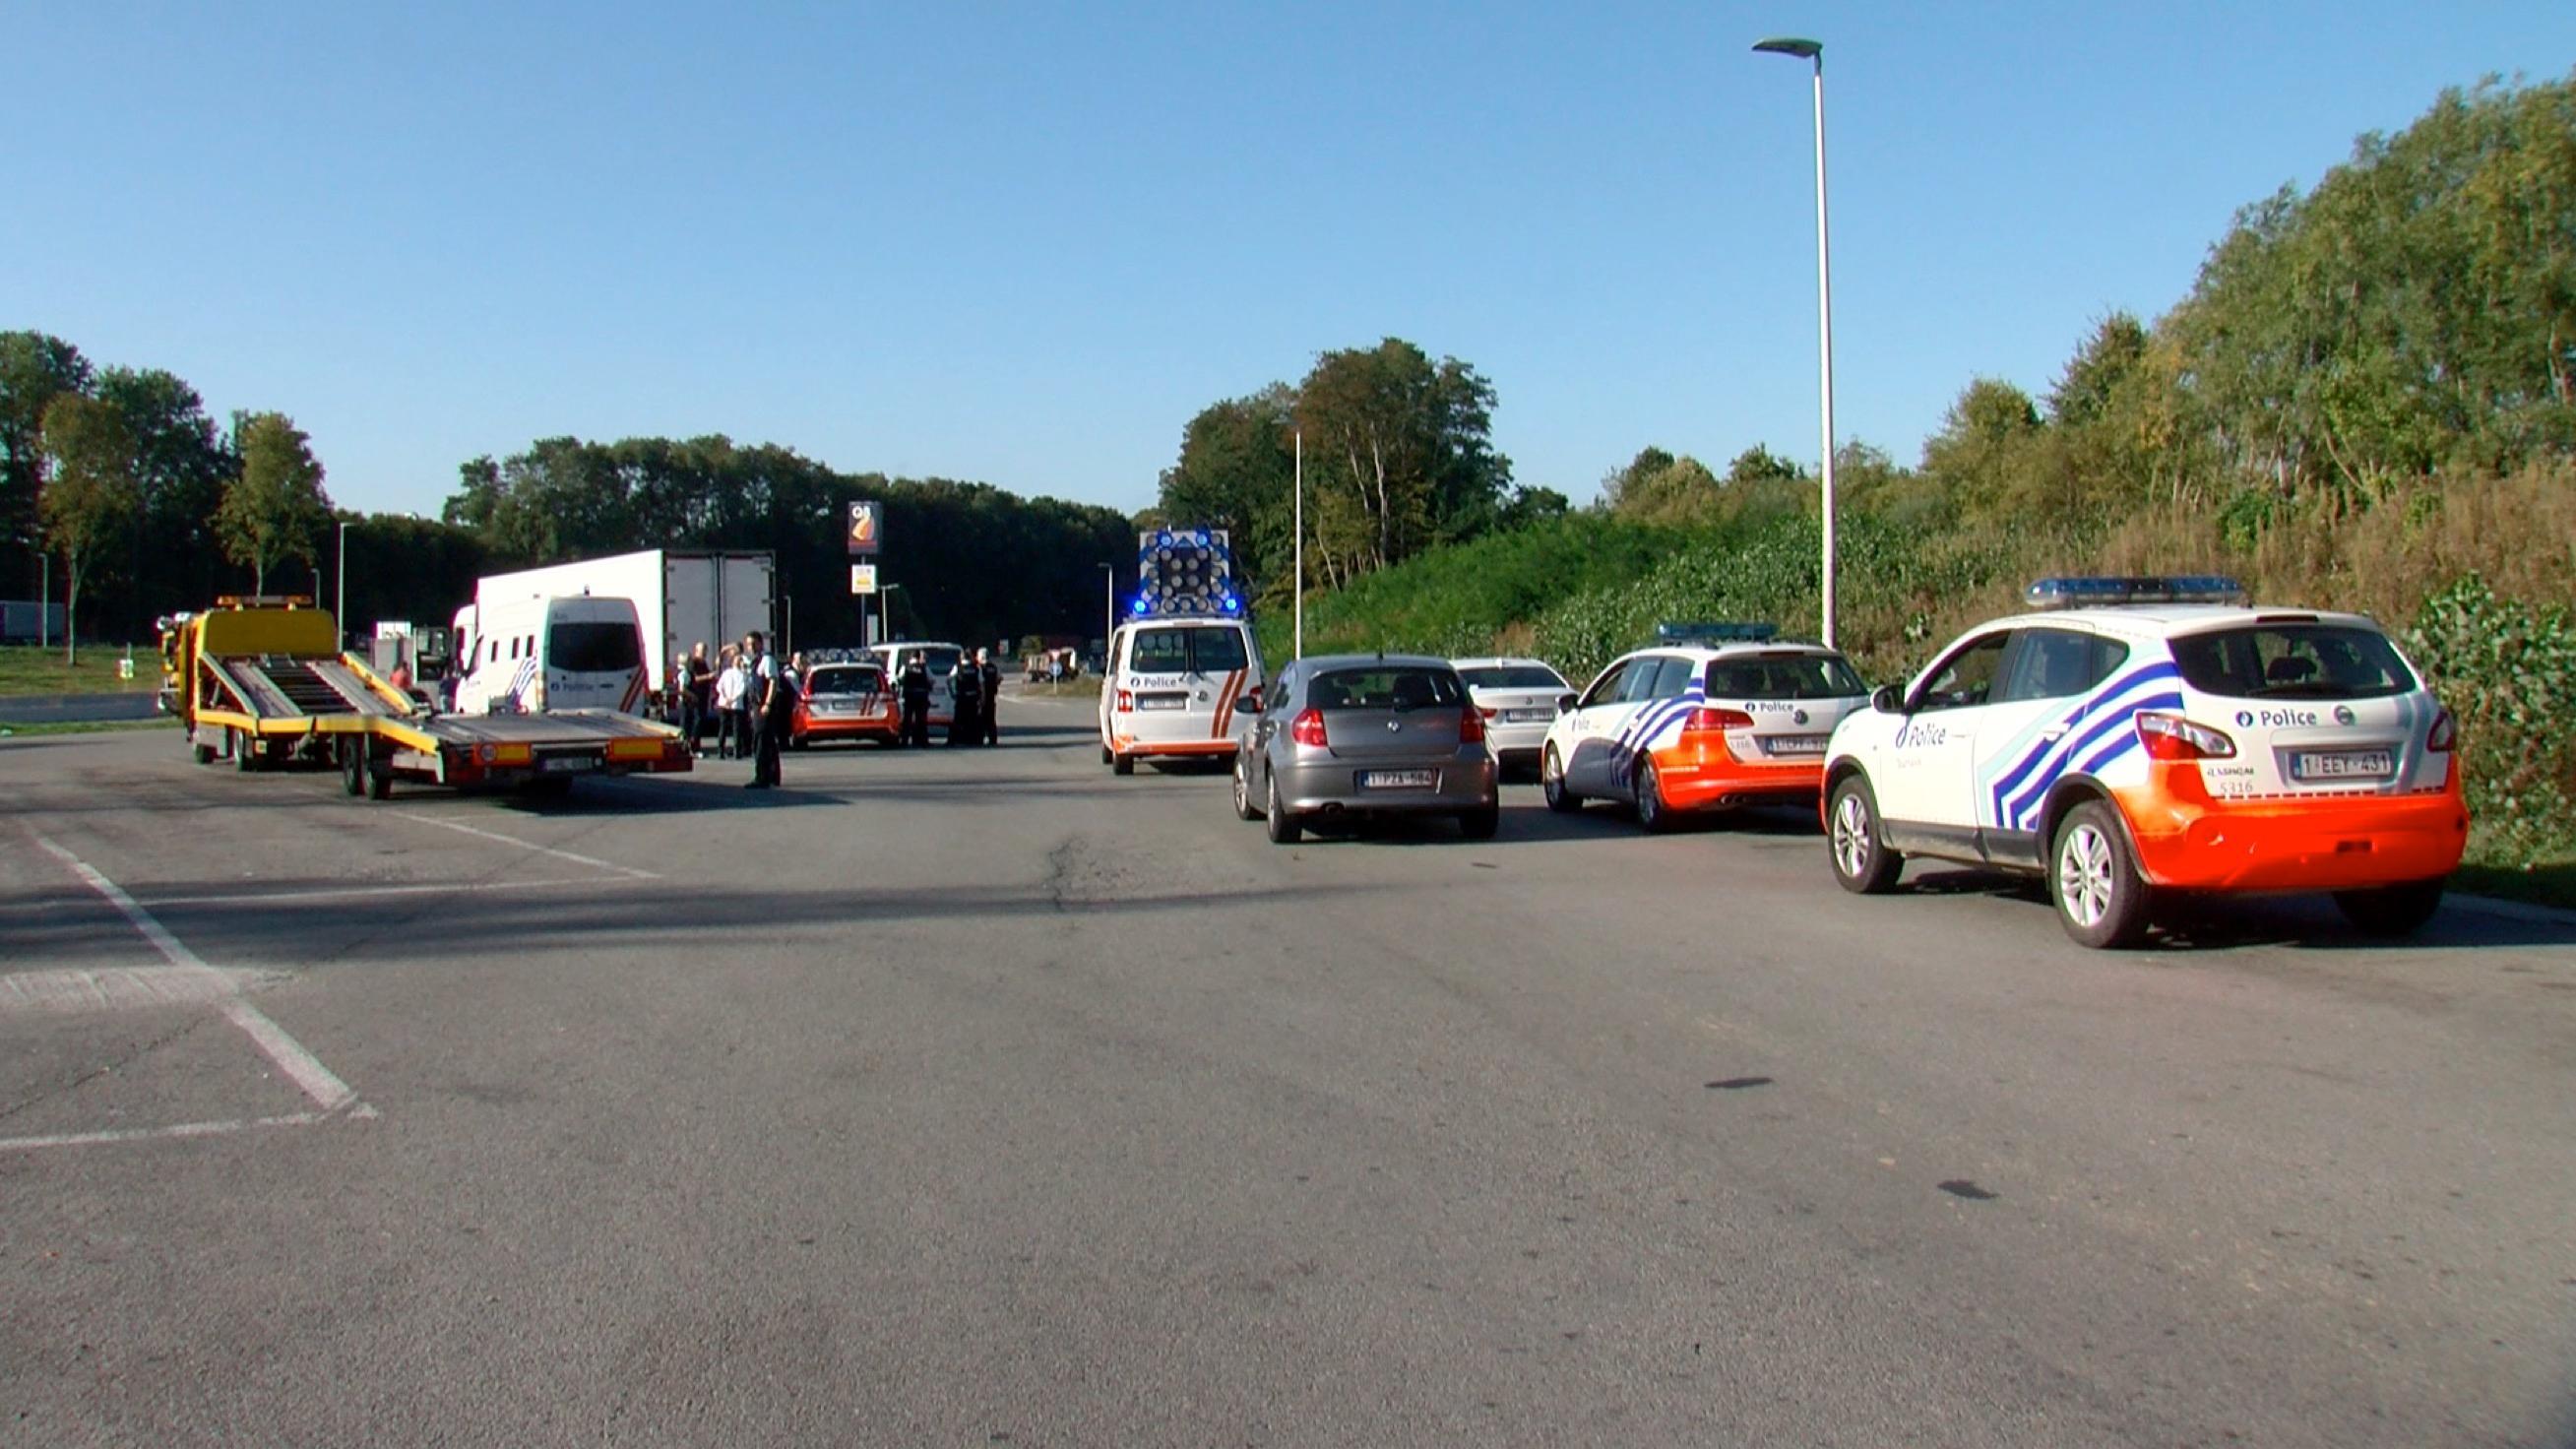 Une vingtaine de transmigrants arrêtés sur l'aire d'autoroute Q8